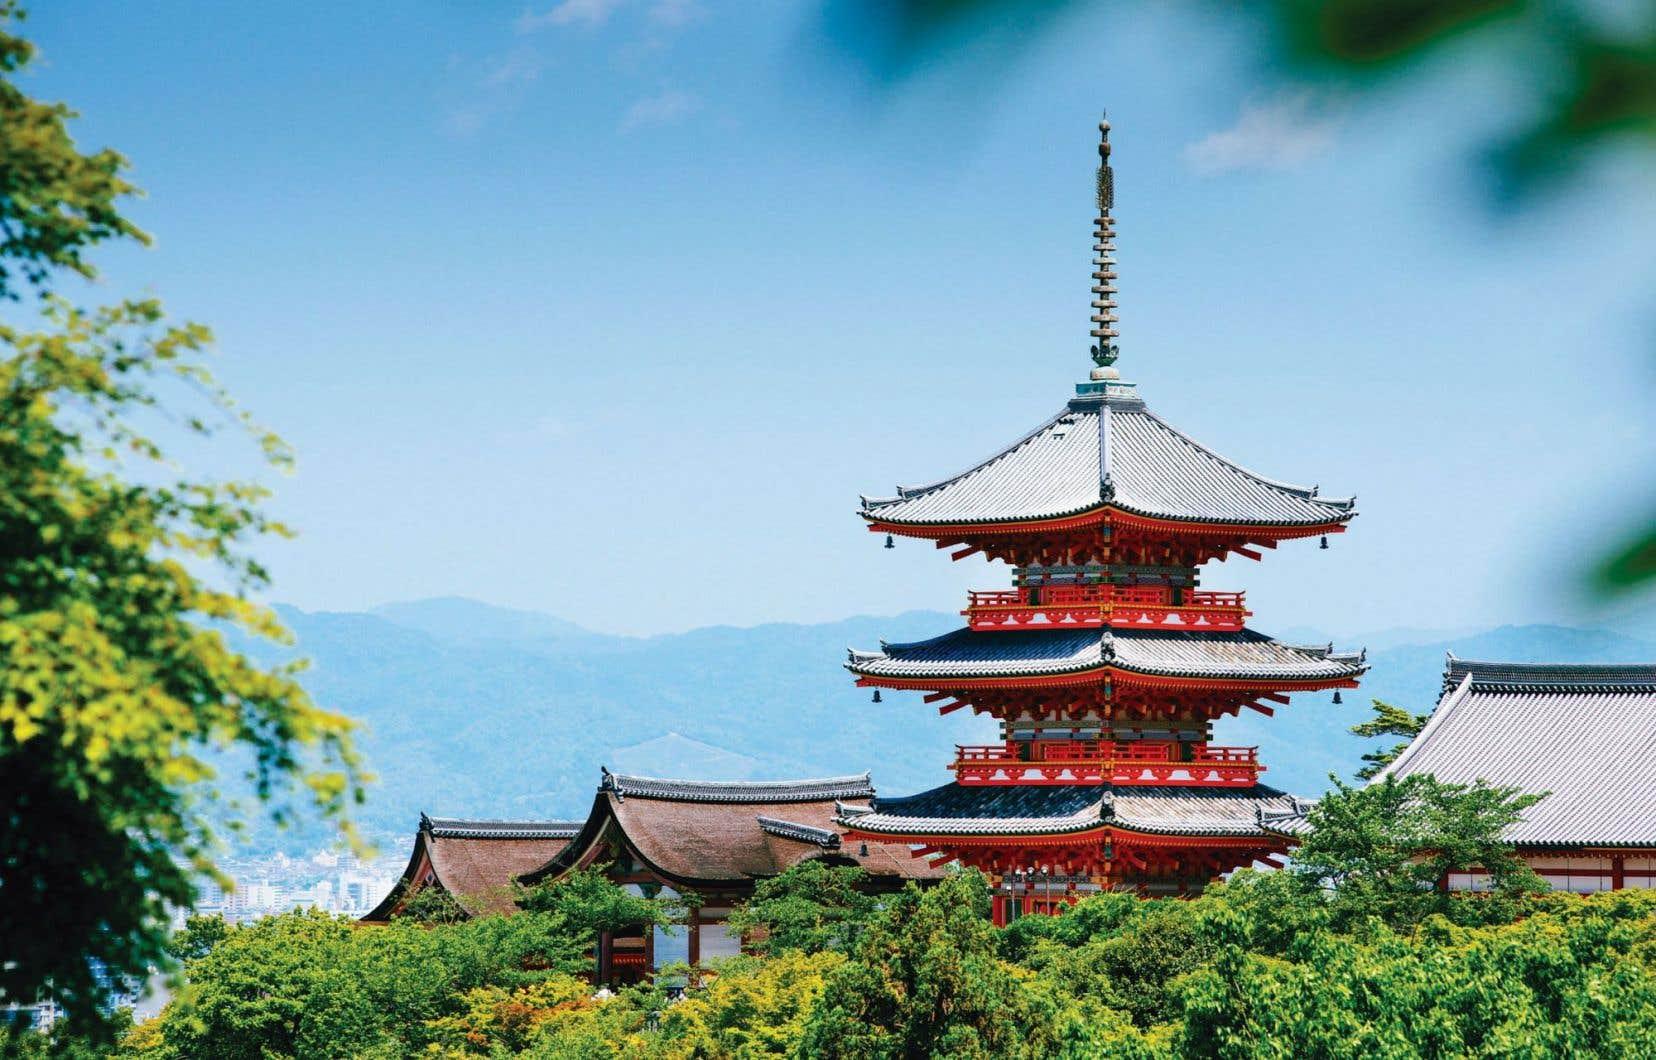 Le temple bouddhique Kiyomizu-Dera sur fond de vue sur Kyoto, au Japon